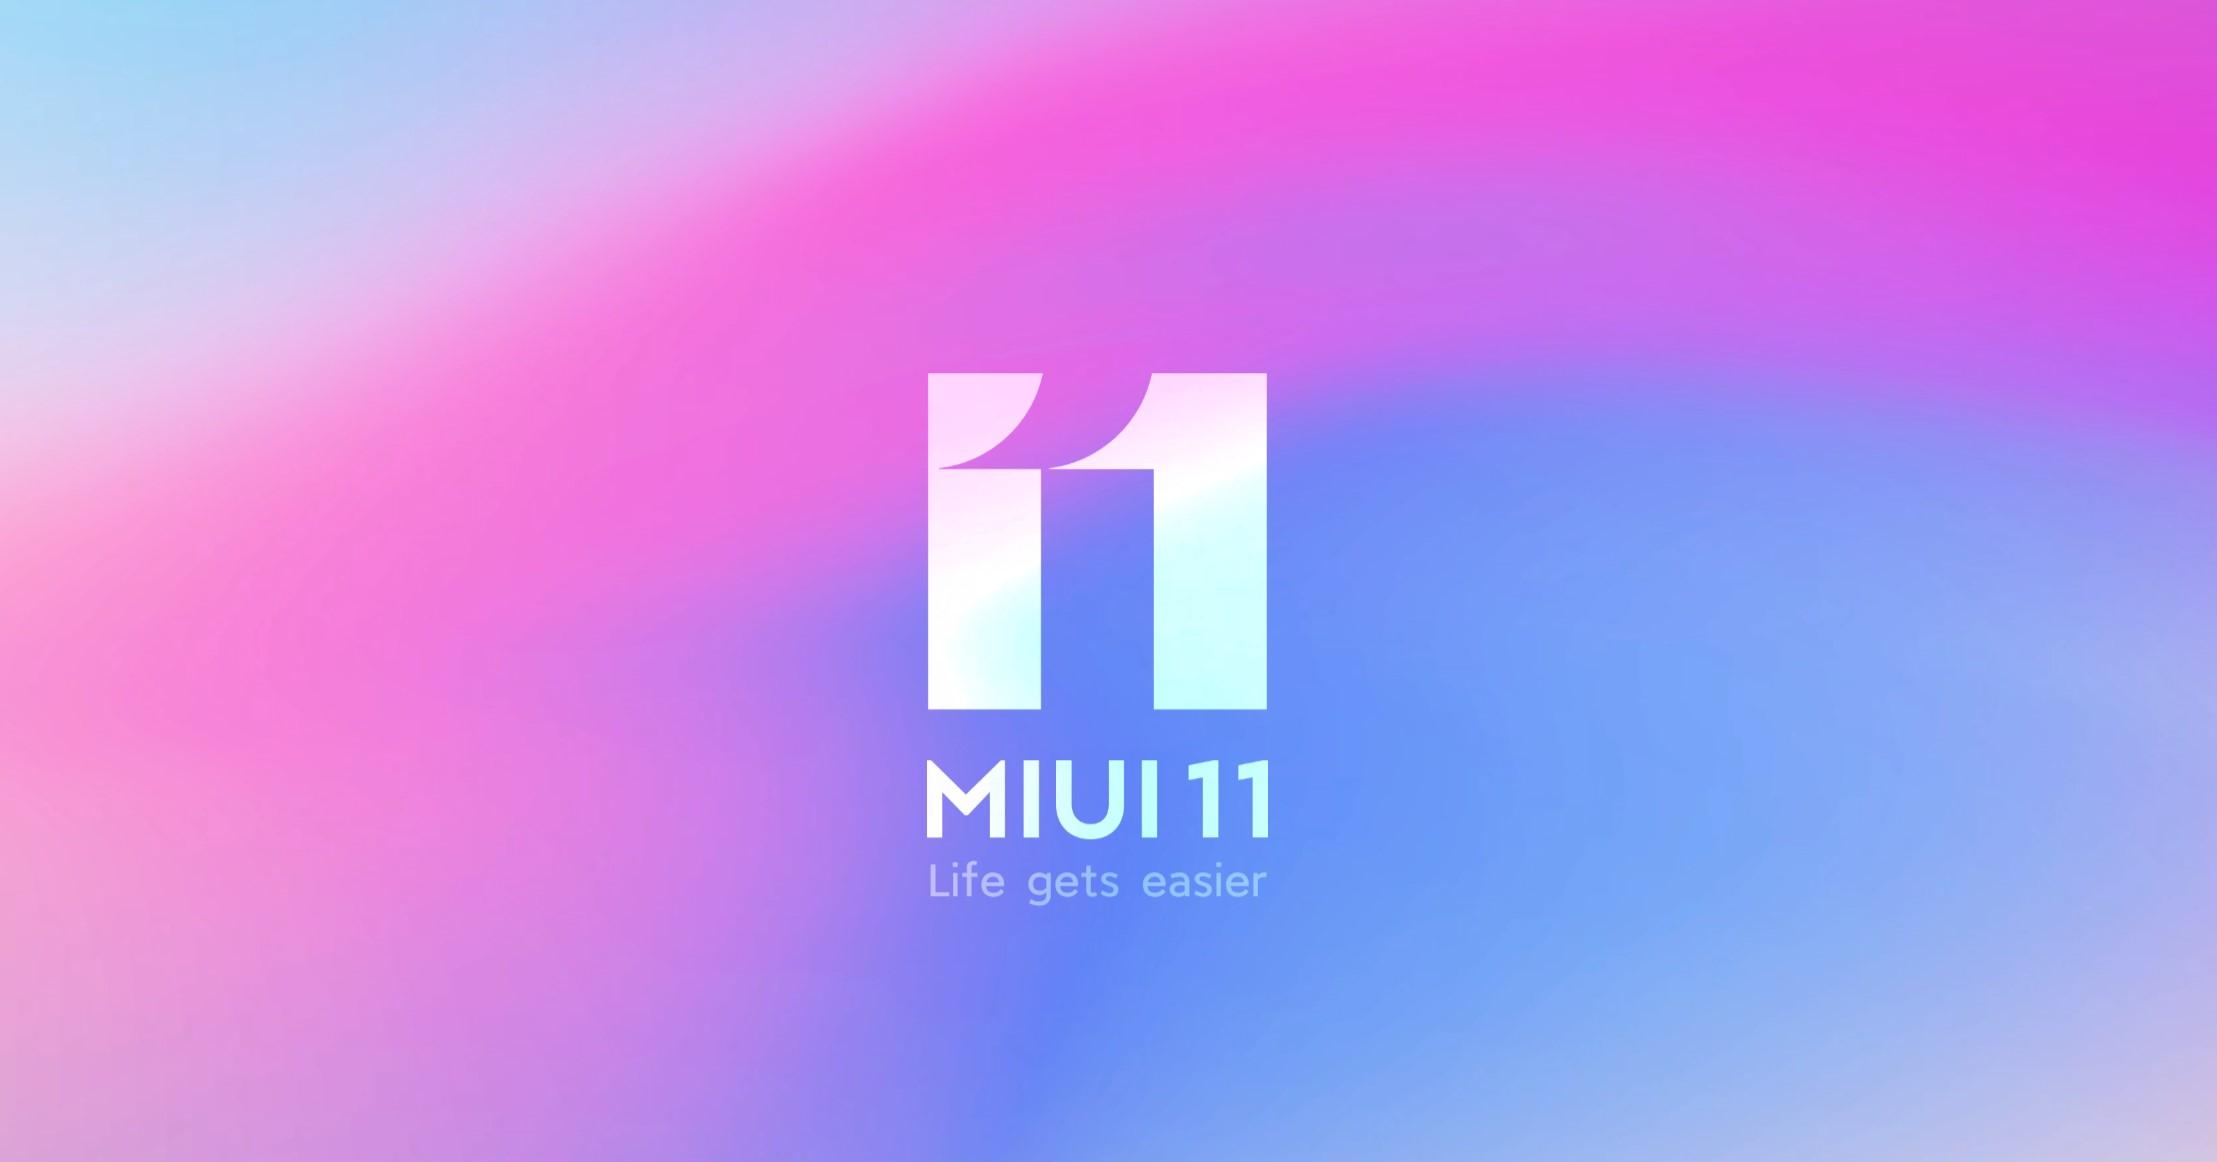 Aktualizace na MIUI 11 startuje již 22. října